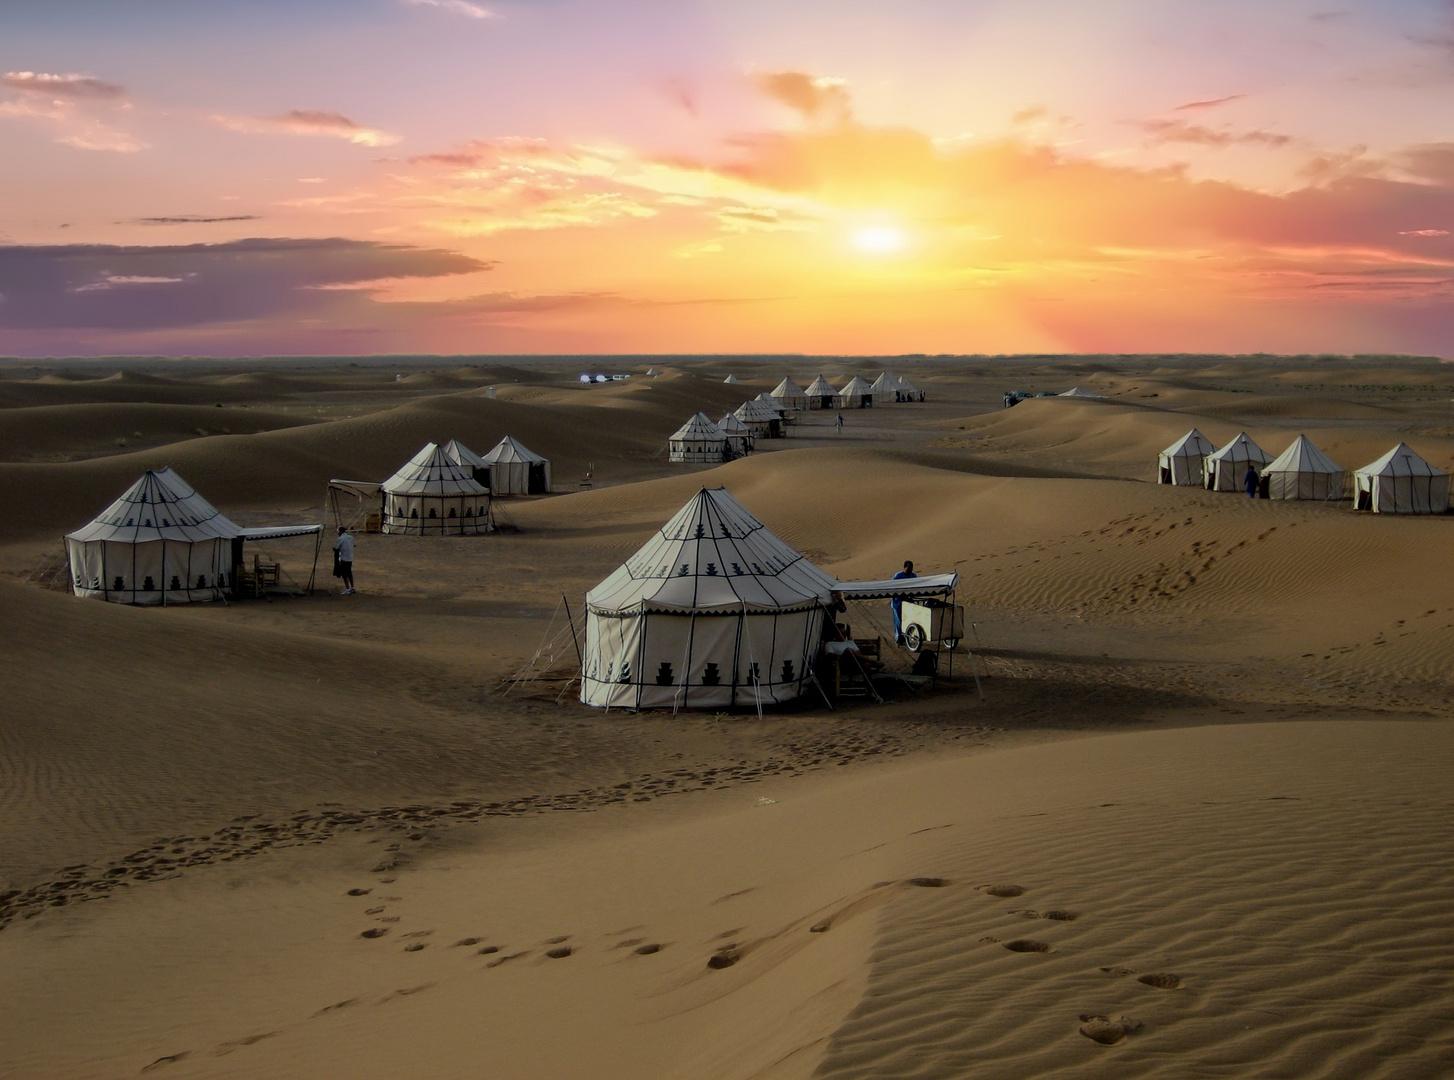 désert illuminé